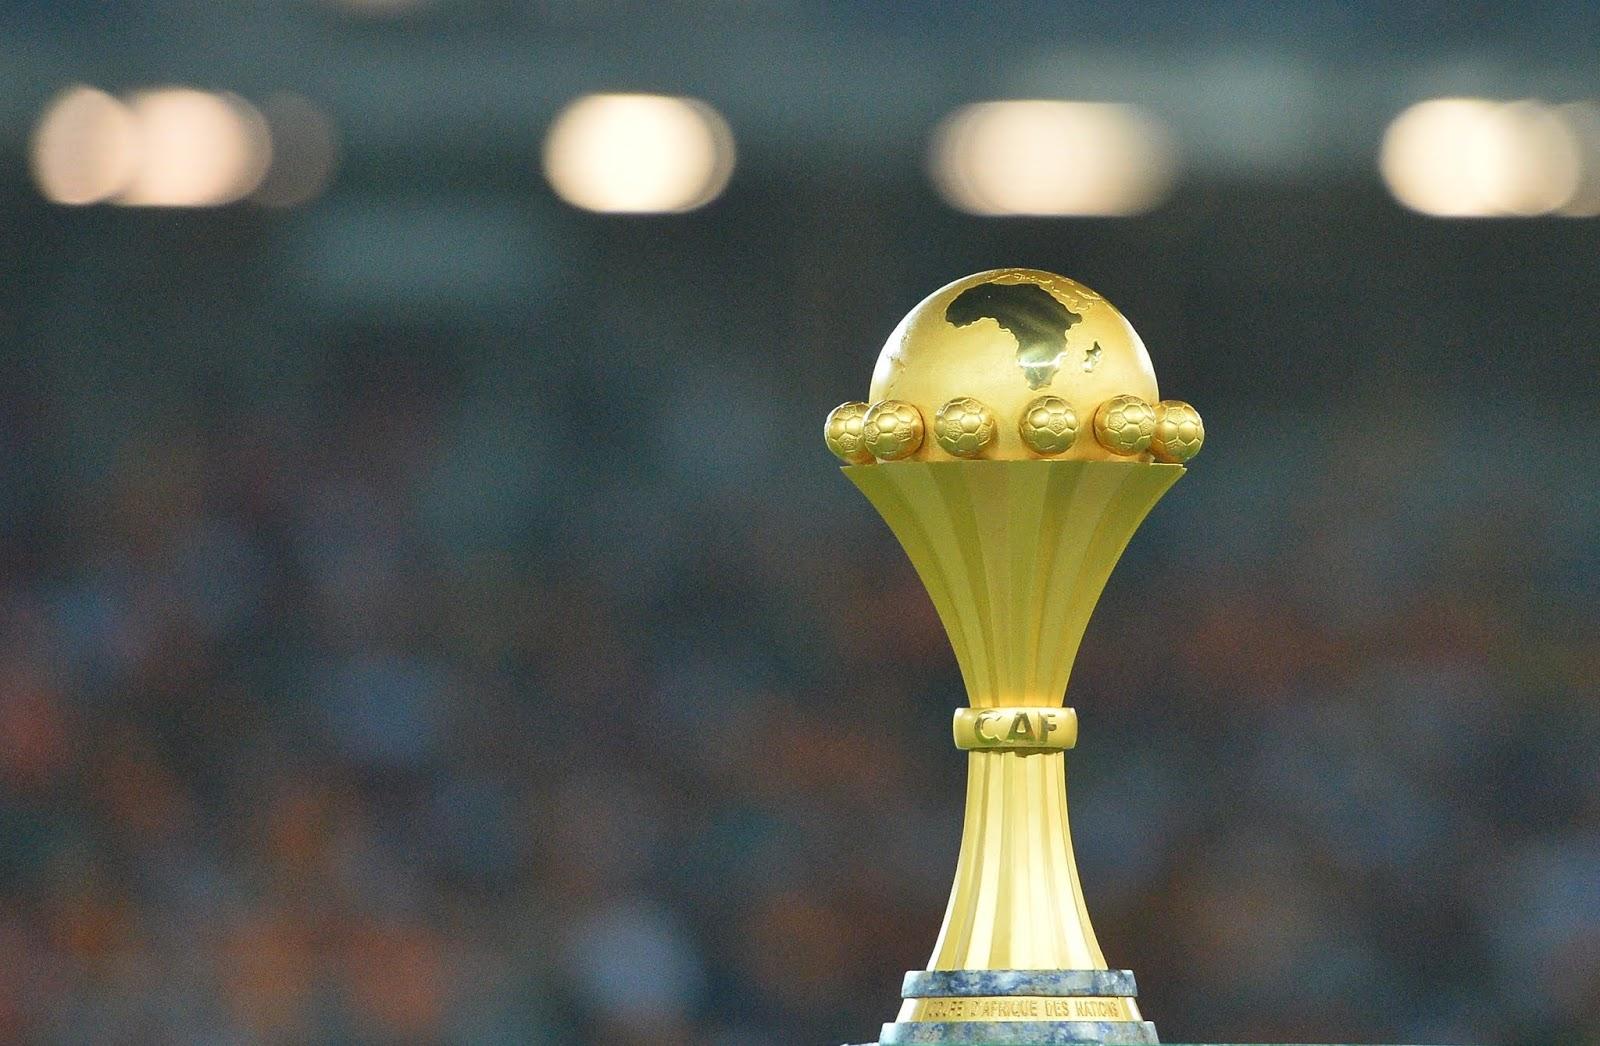 كأس افريقيا للأمم2021: عملية سحب القرعة يوم 15 غشت بياوندي